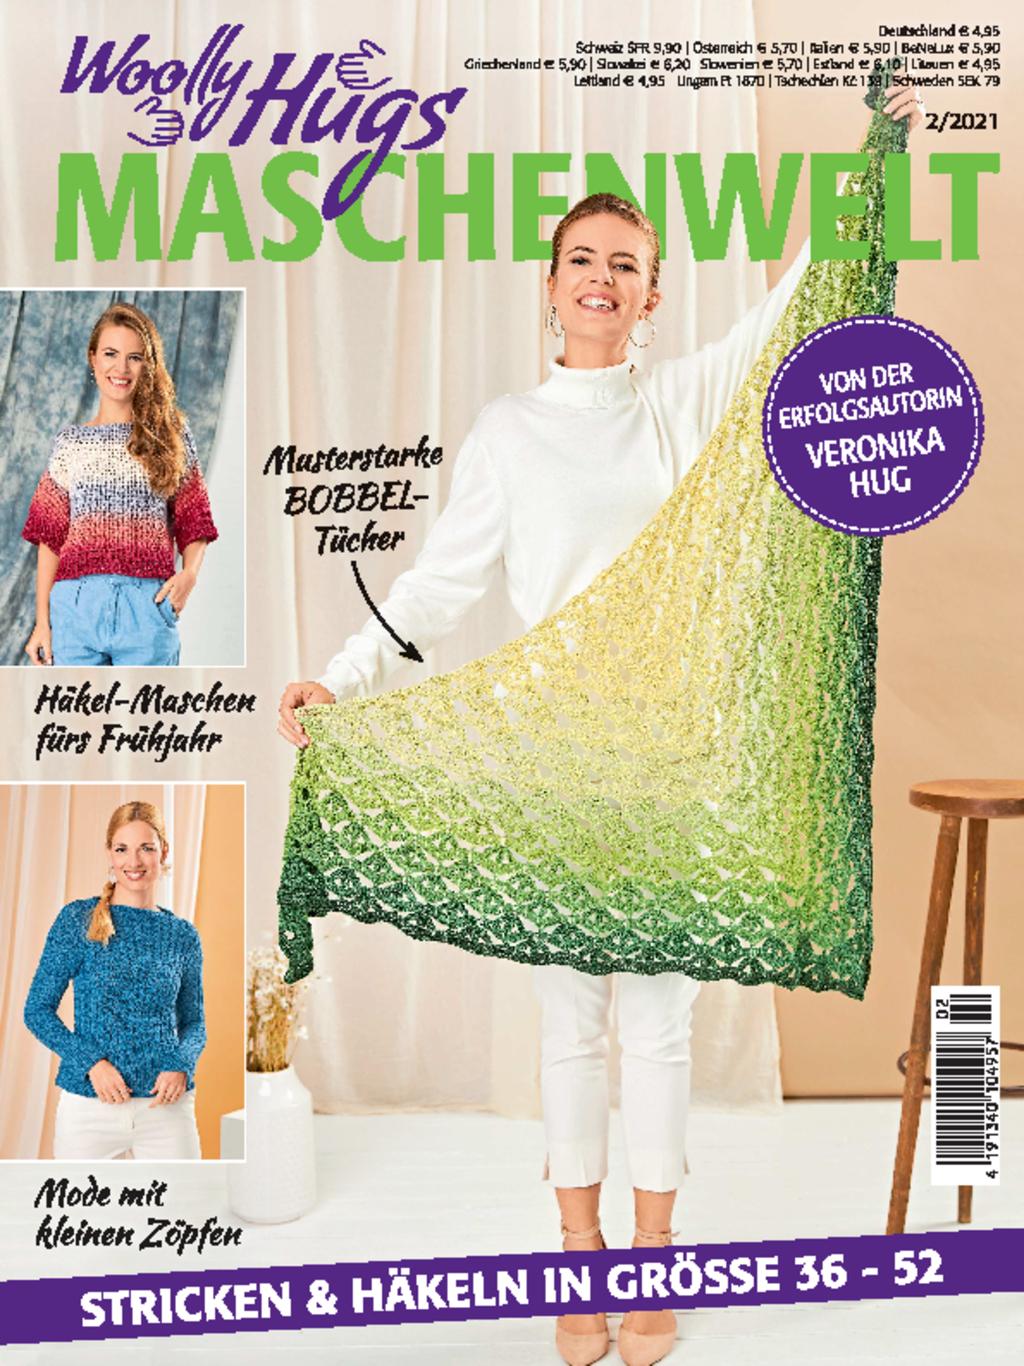 Woolly Hugs Maschenwelt Nr. 2/2021 - Stricken & Häkeln in Größe 36 - 52